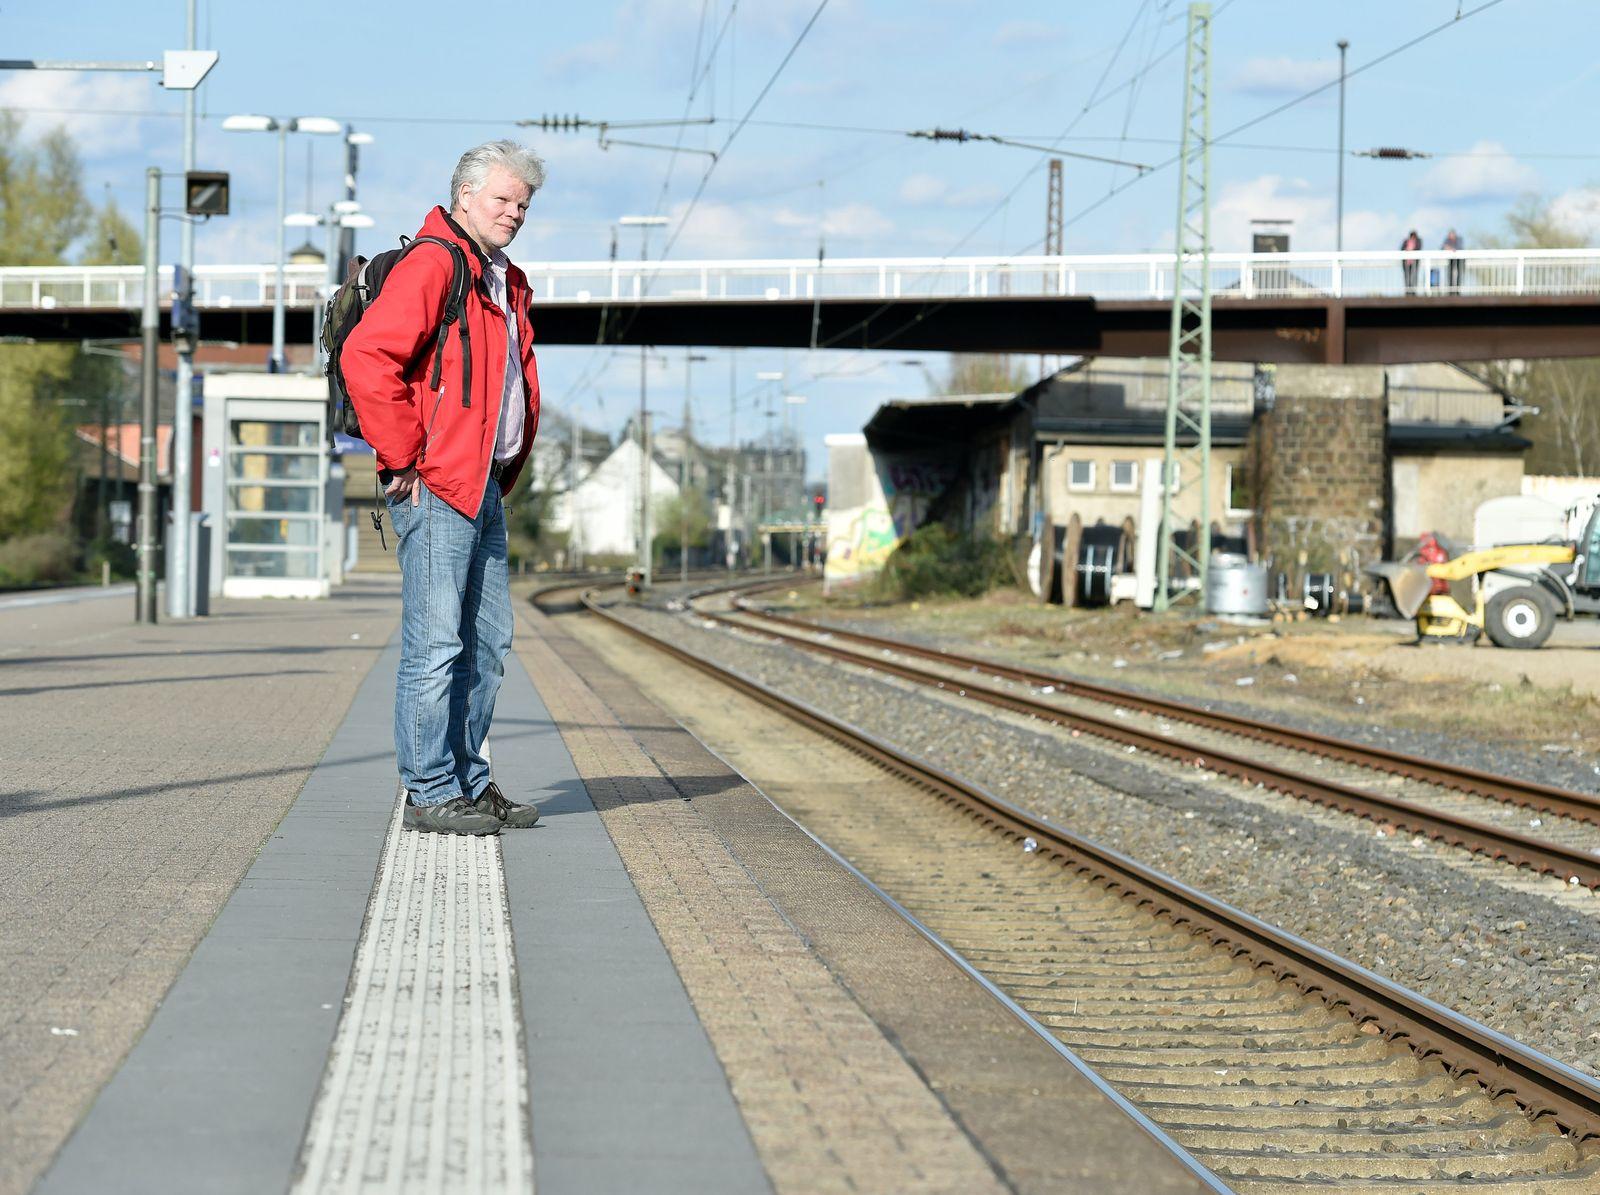 Bahnstopp in Wuppertal